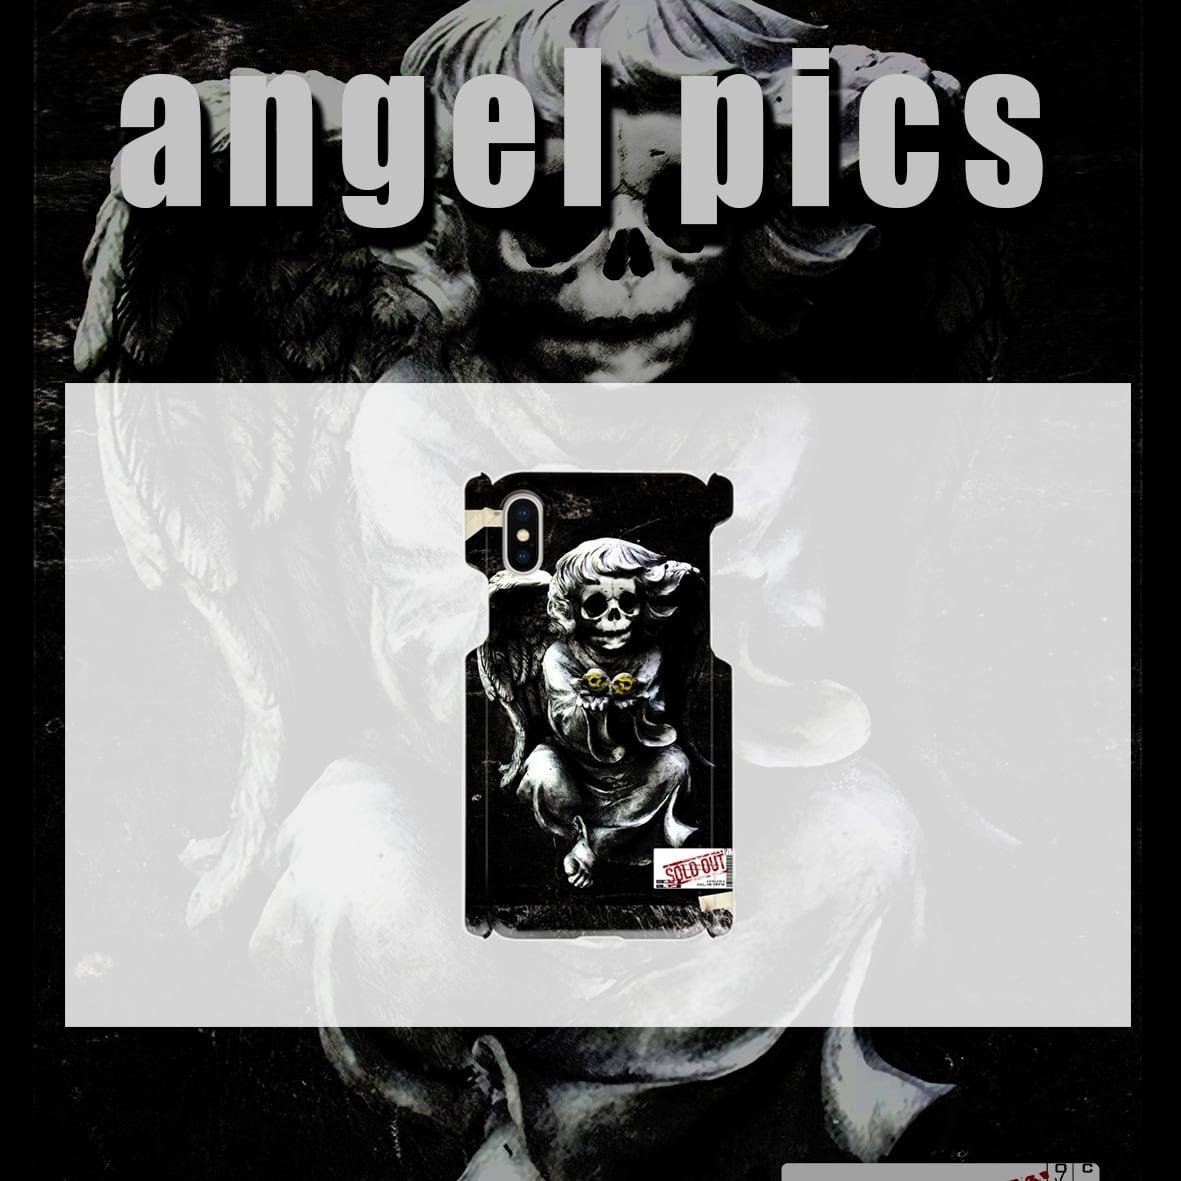 angel pics case マットタイプ(ツヤなし)